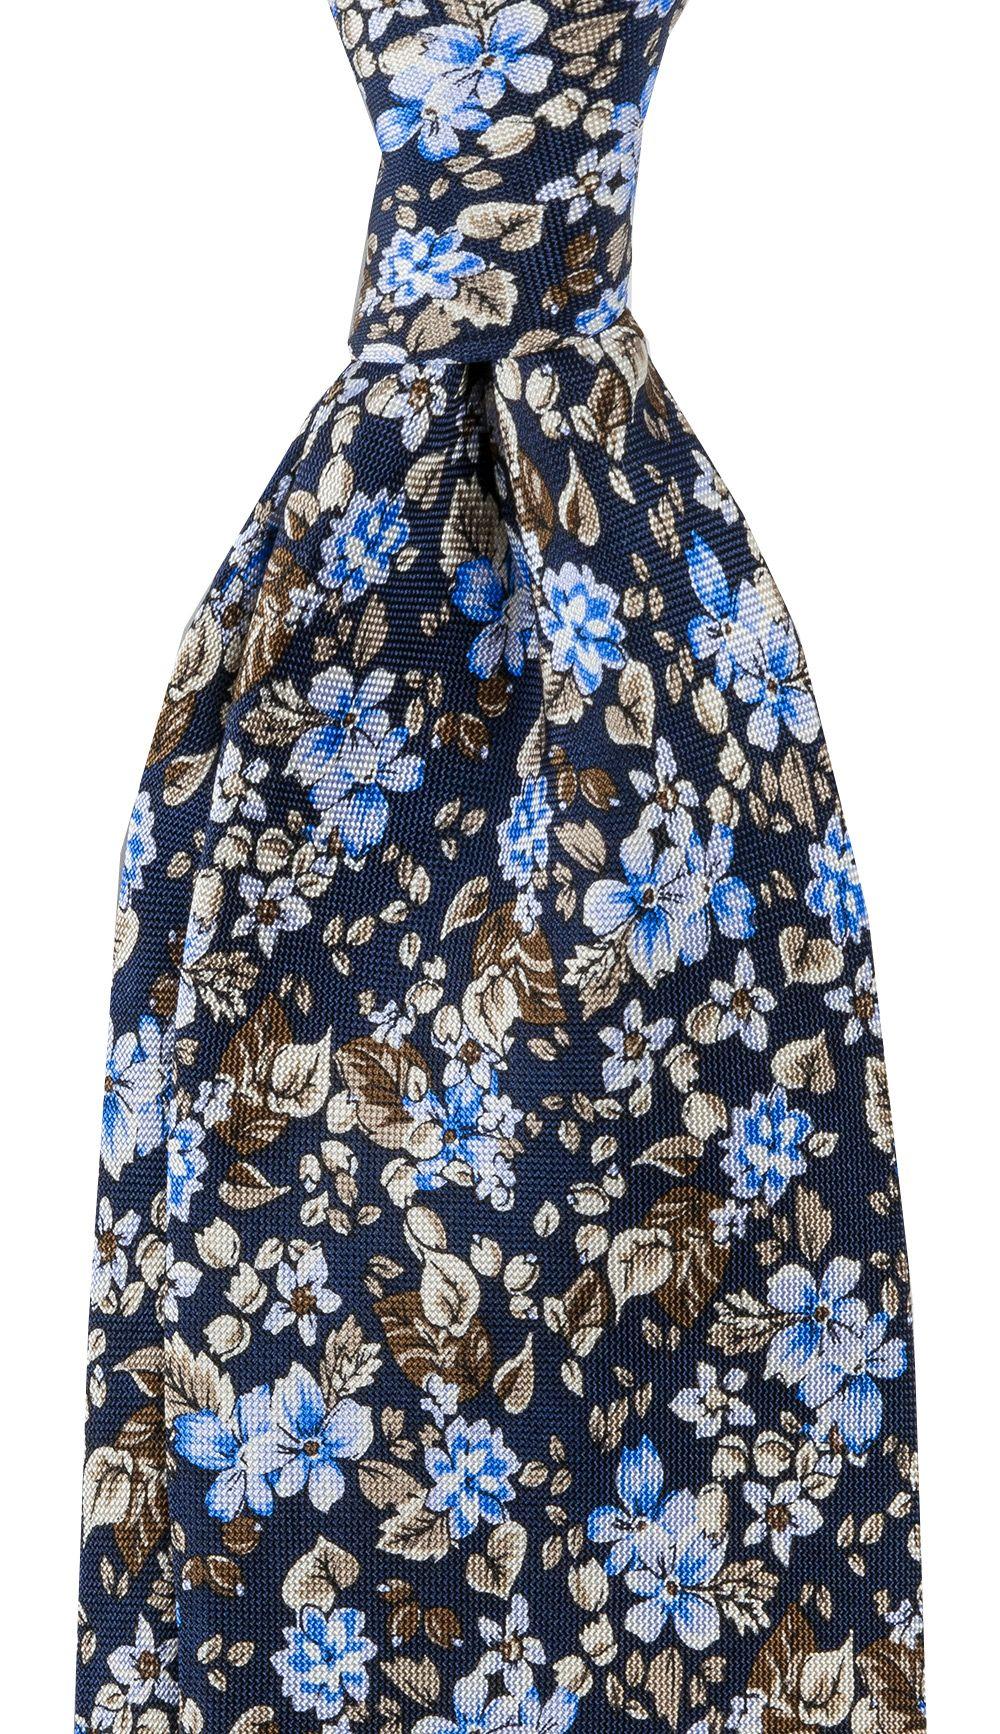 Slips Floral 8 cm | Navy Blue - Køb online | Neckwear.dk